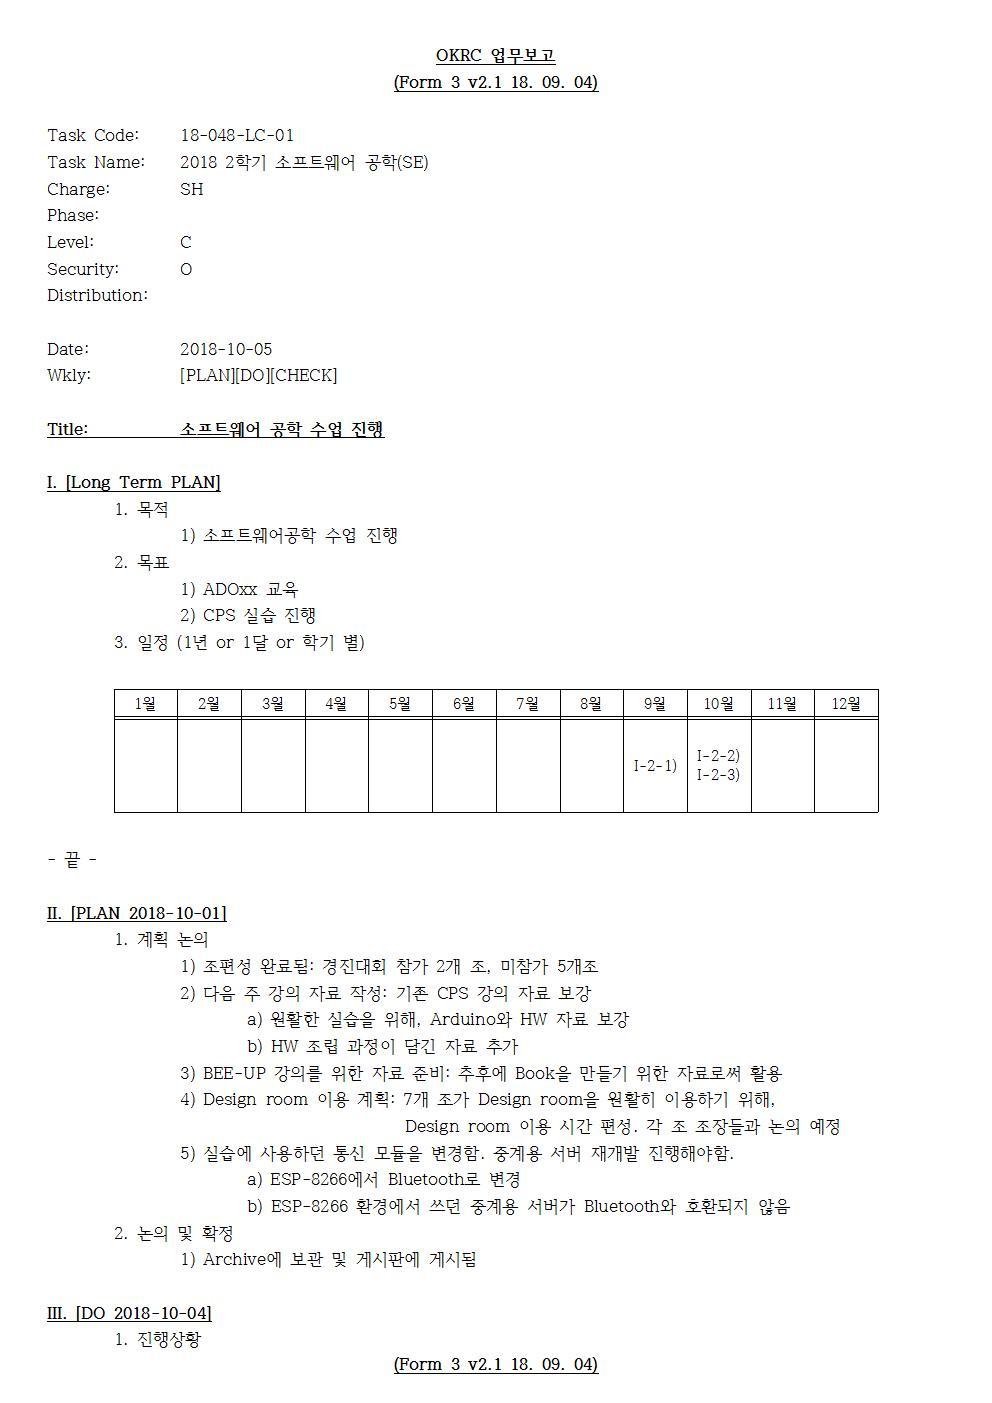 D-[18-048-LC-01]-[SE]-[2018-10-05][SH]001.jpg